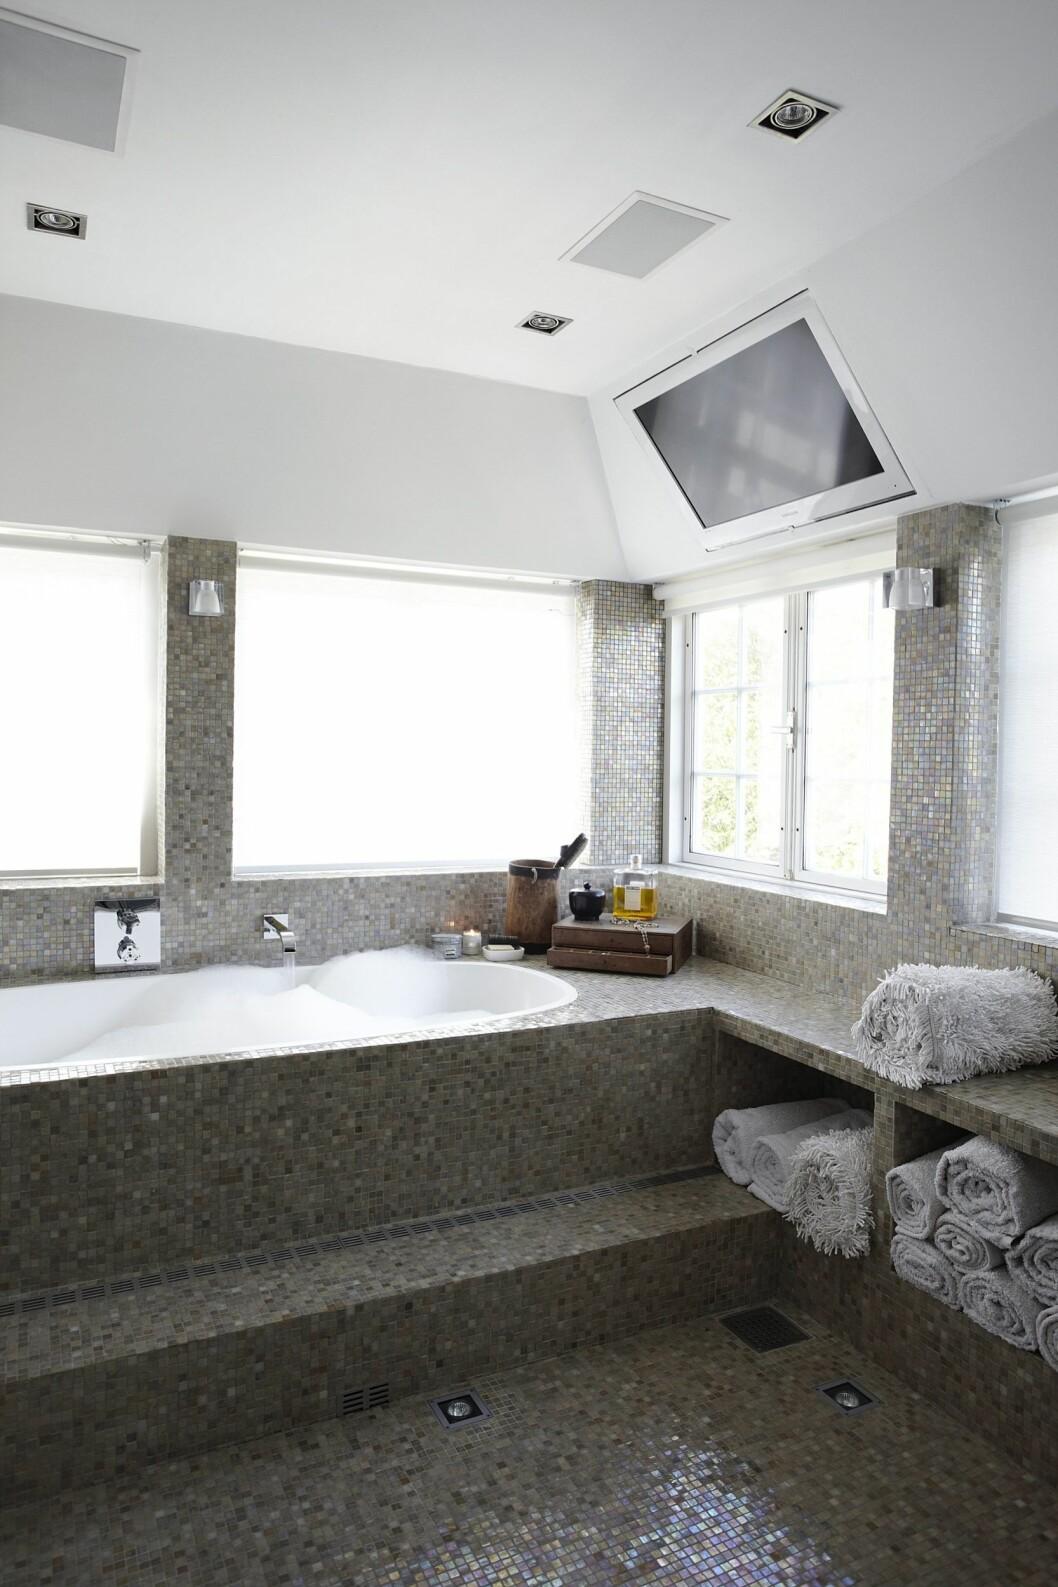 TV PÅ BADET: Det lekre baderommet er holdt i glassmosaikk med sandfarget perlemorseffekt, og det innebygde badekaret gir sammen med resten av innredningen en utsøkt spa-følelse. Sjekk også tv-en som er innebygd i taket. Foto: Kira Brandt Rasmussen